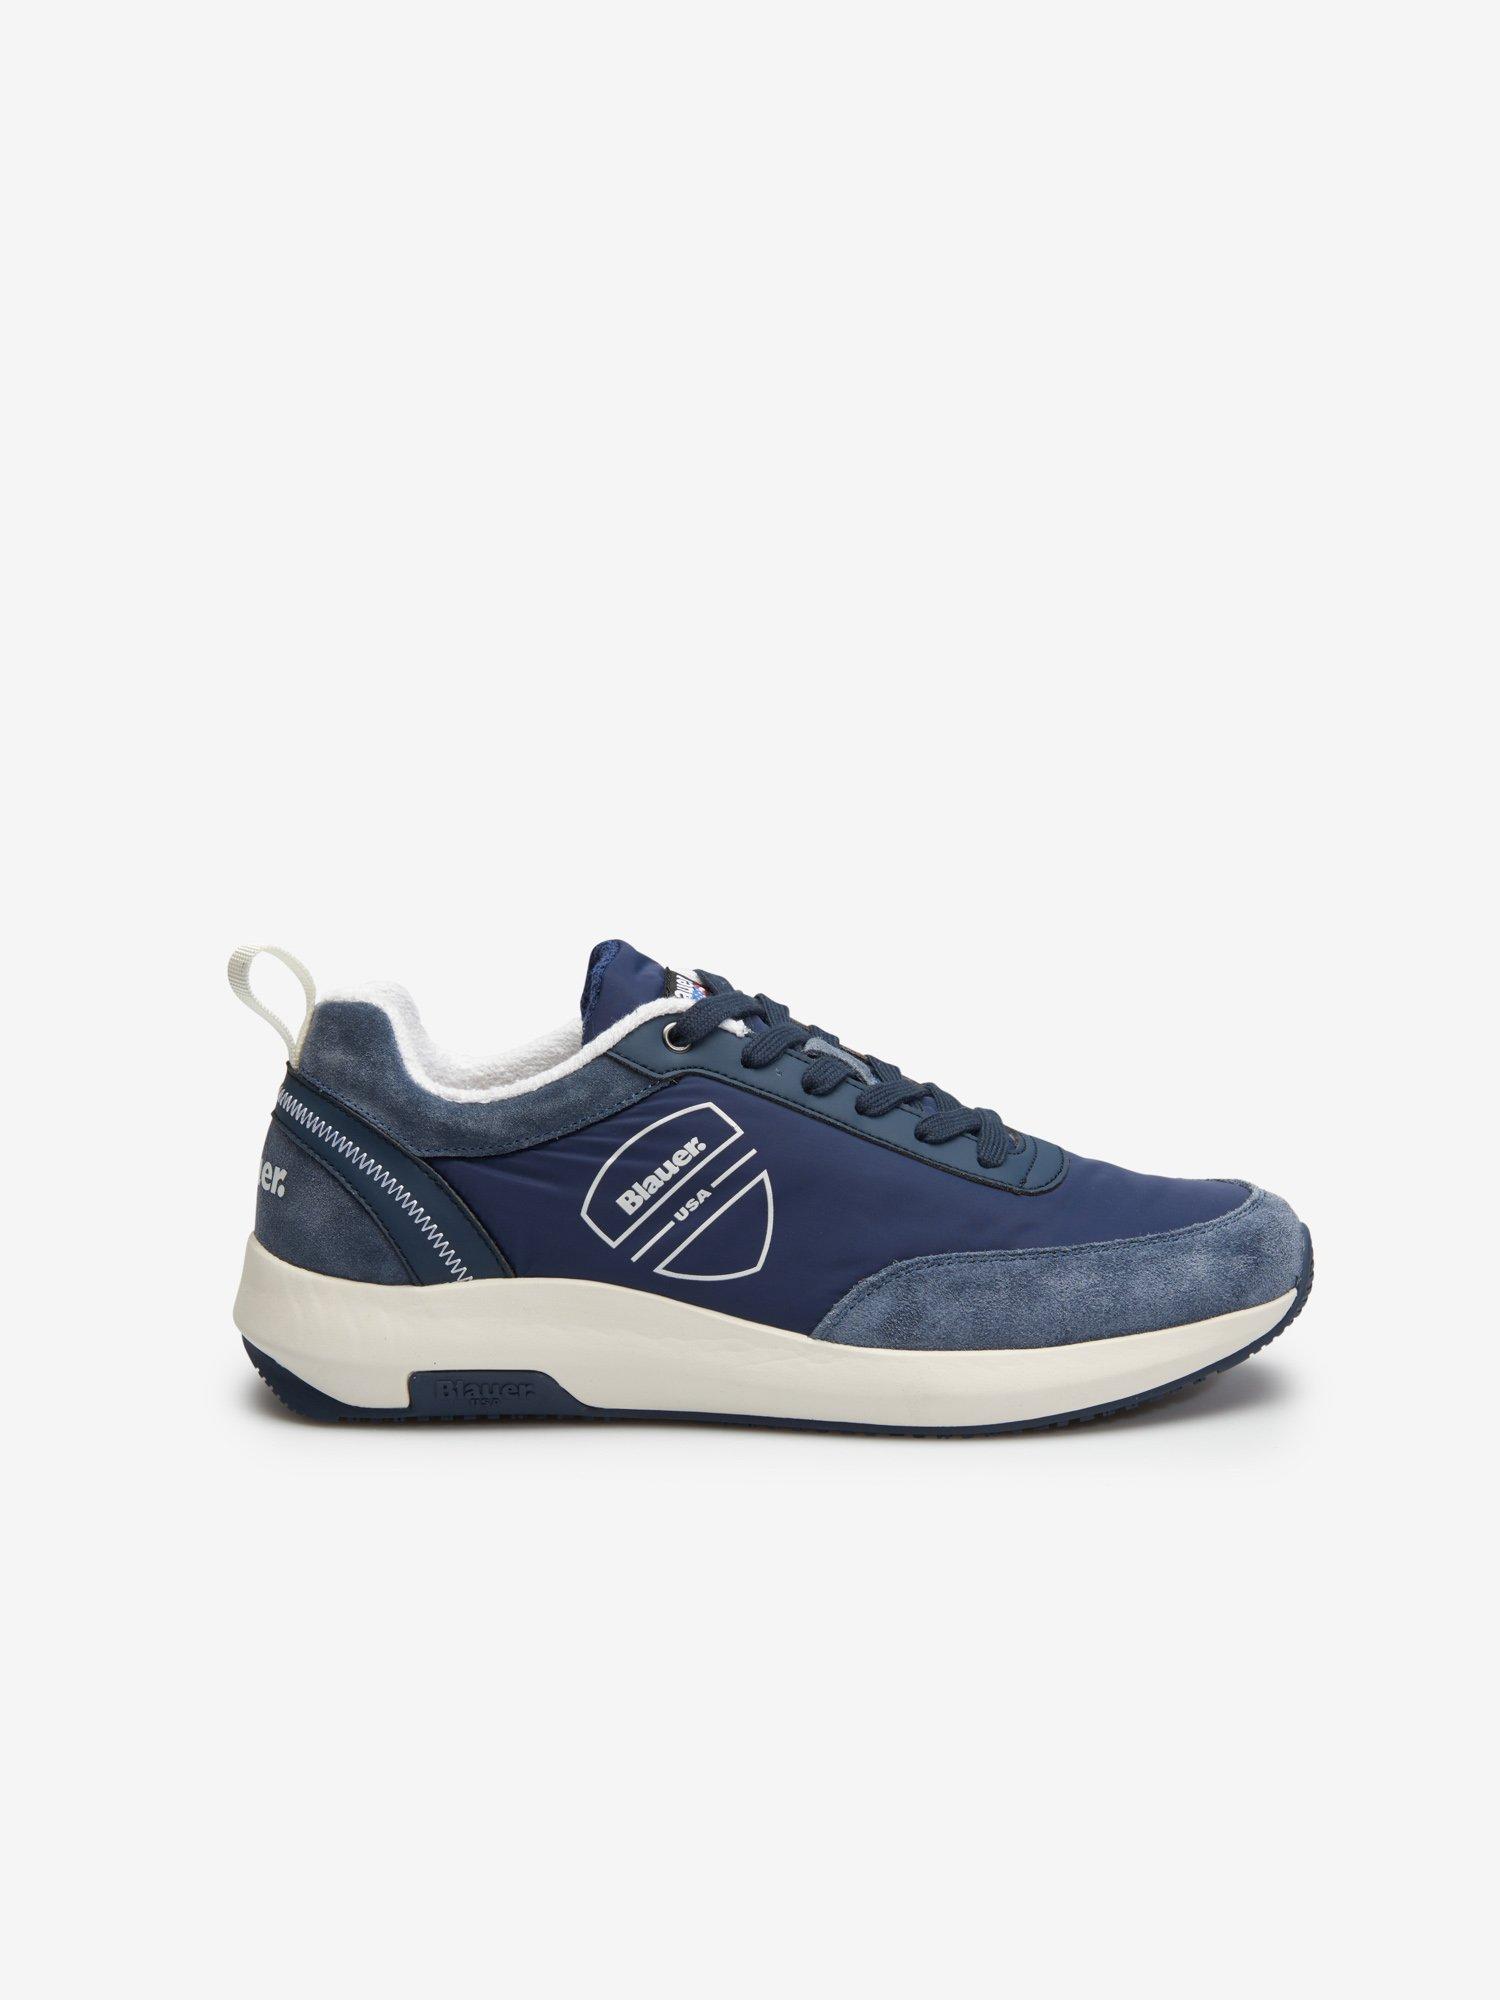 Blauer - Byron Sneakers con scudo - Blu Mare Egeo - Blauer